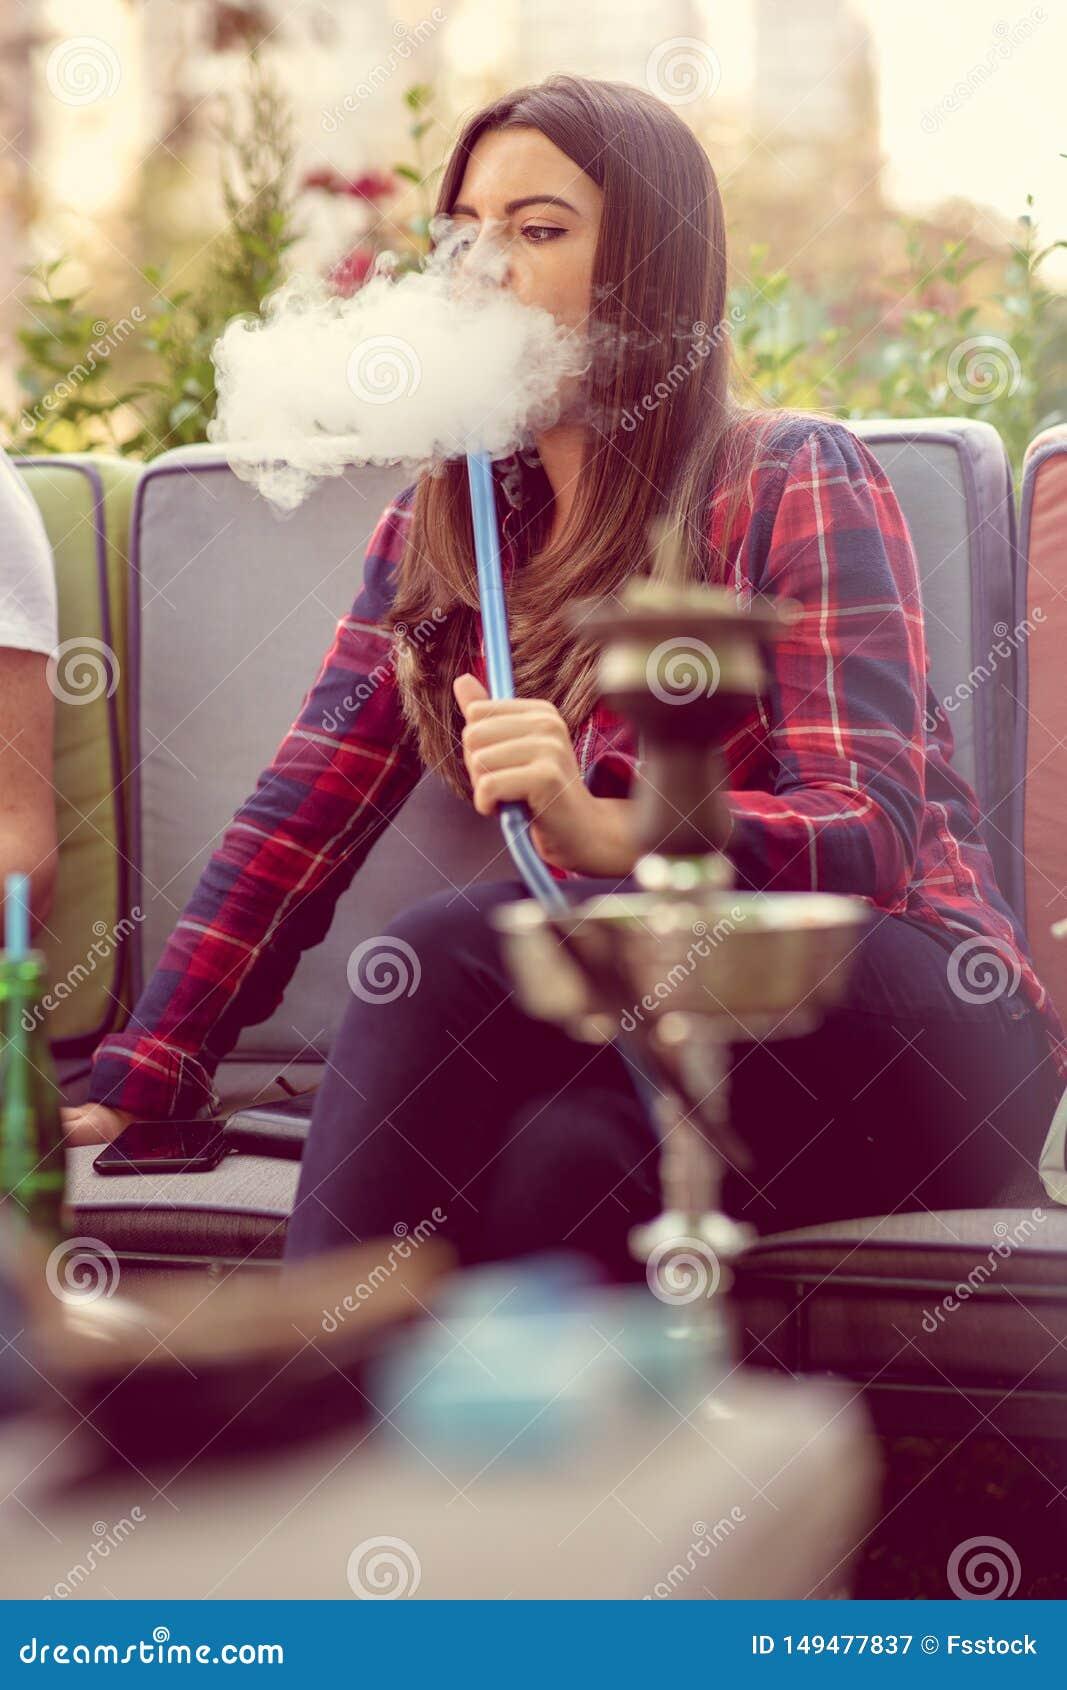 抽水烟筒的年轻女人户外 乐趣抽烟 城市在背景中